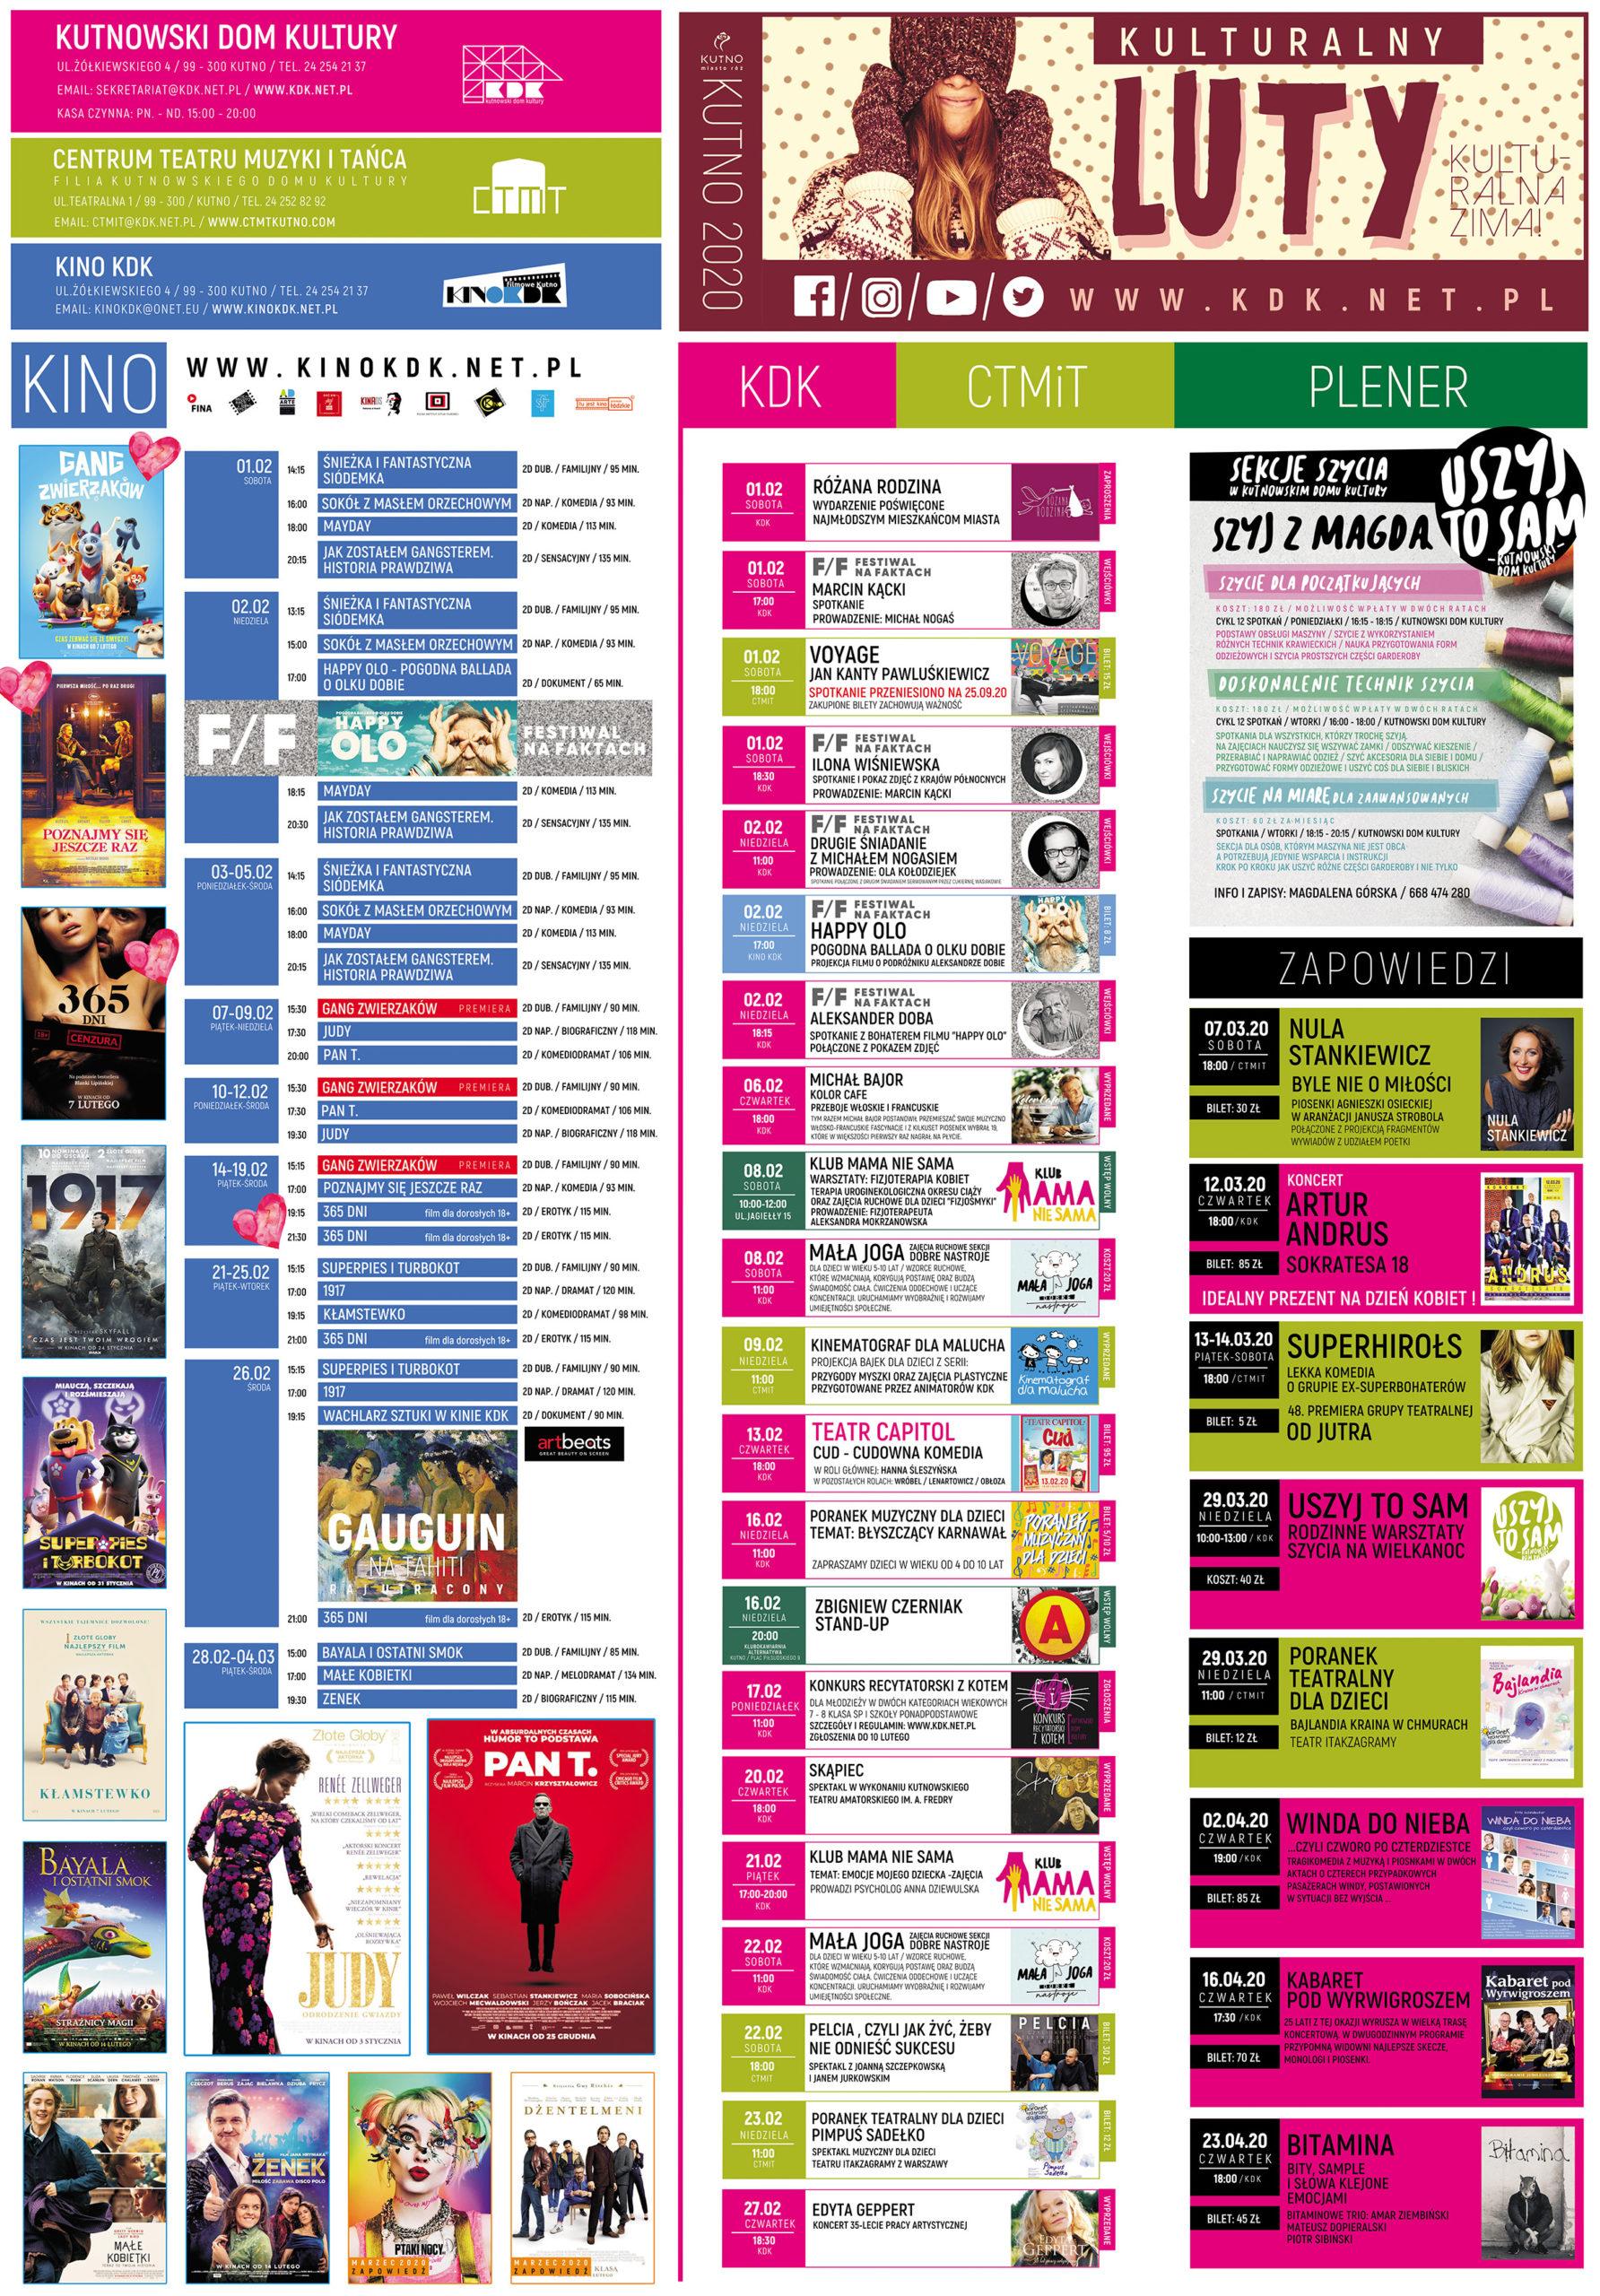 Kalendarz Kulturalny Luty 2020